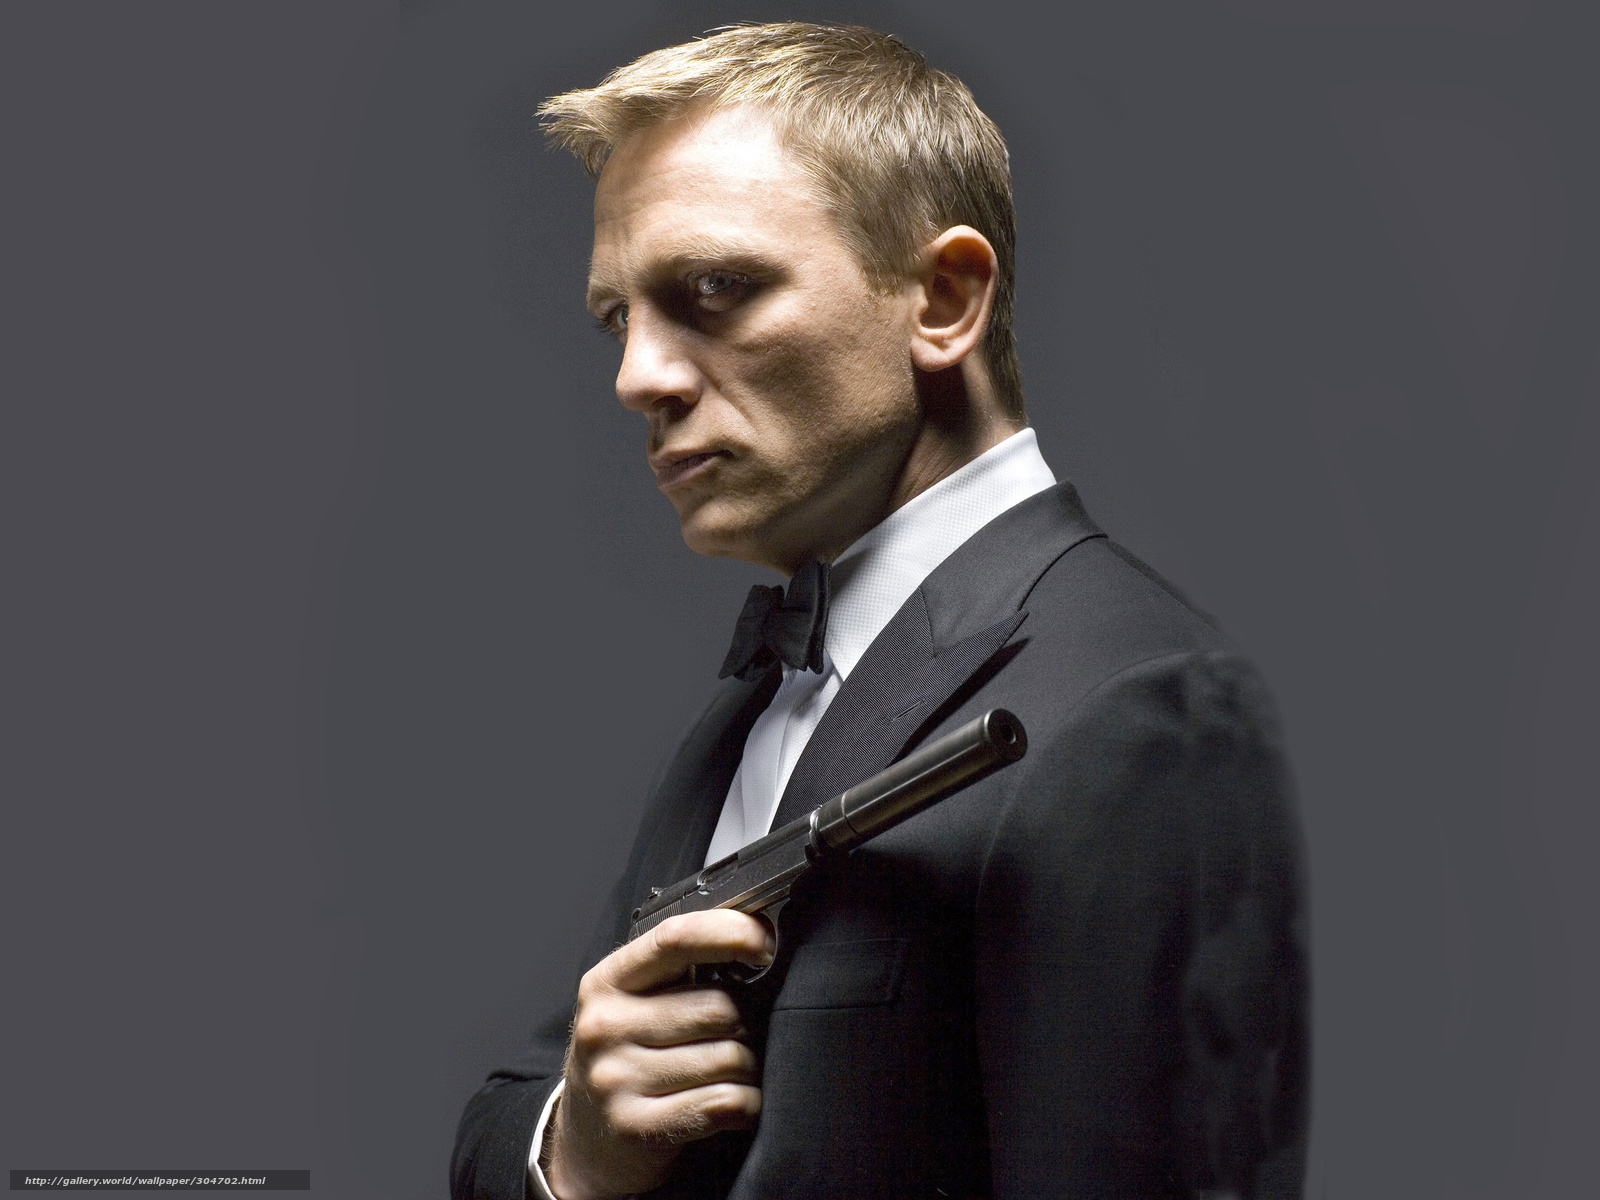 壁紙をダウンロード ダニエル クレイグ ダニエル クレイグ 007 銃 デスクトップの解像度のための無料壁紙 2560x19 絵